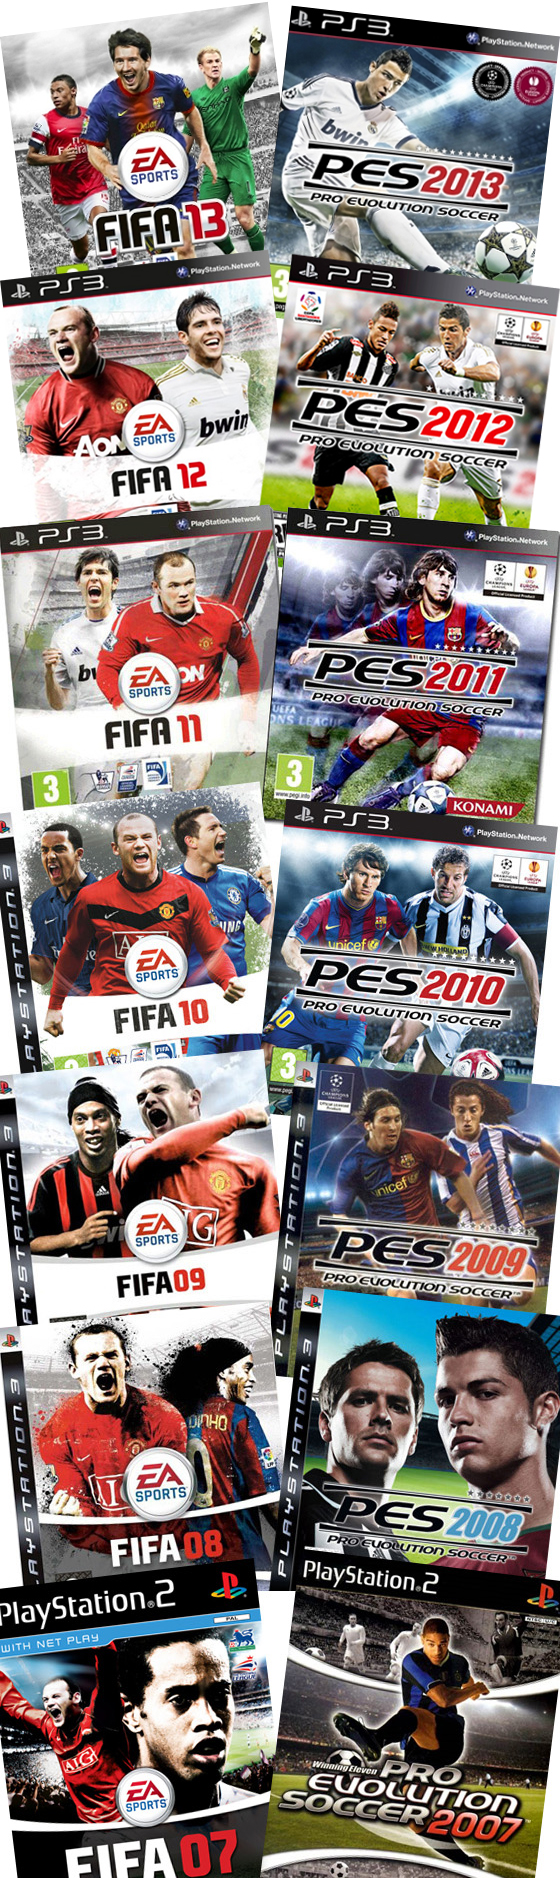 As capas dos games Fifa e Pro Evolution Soccer de 2003 a 2013